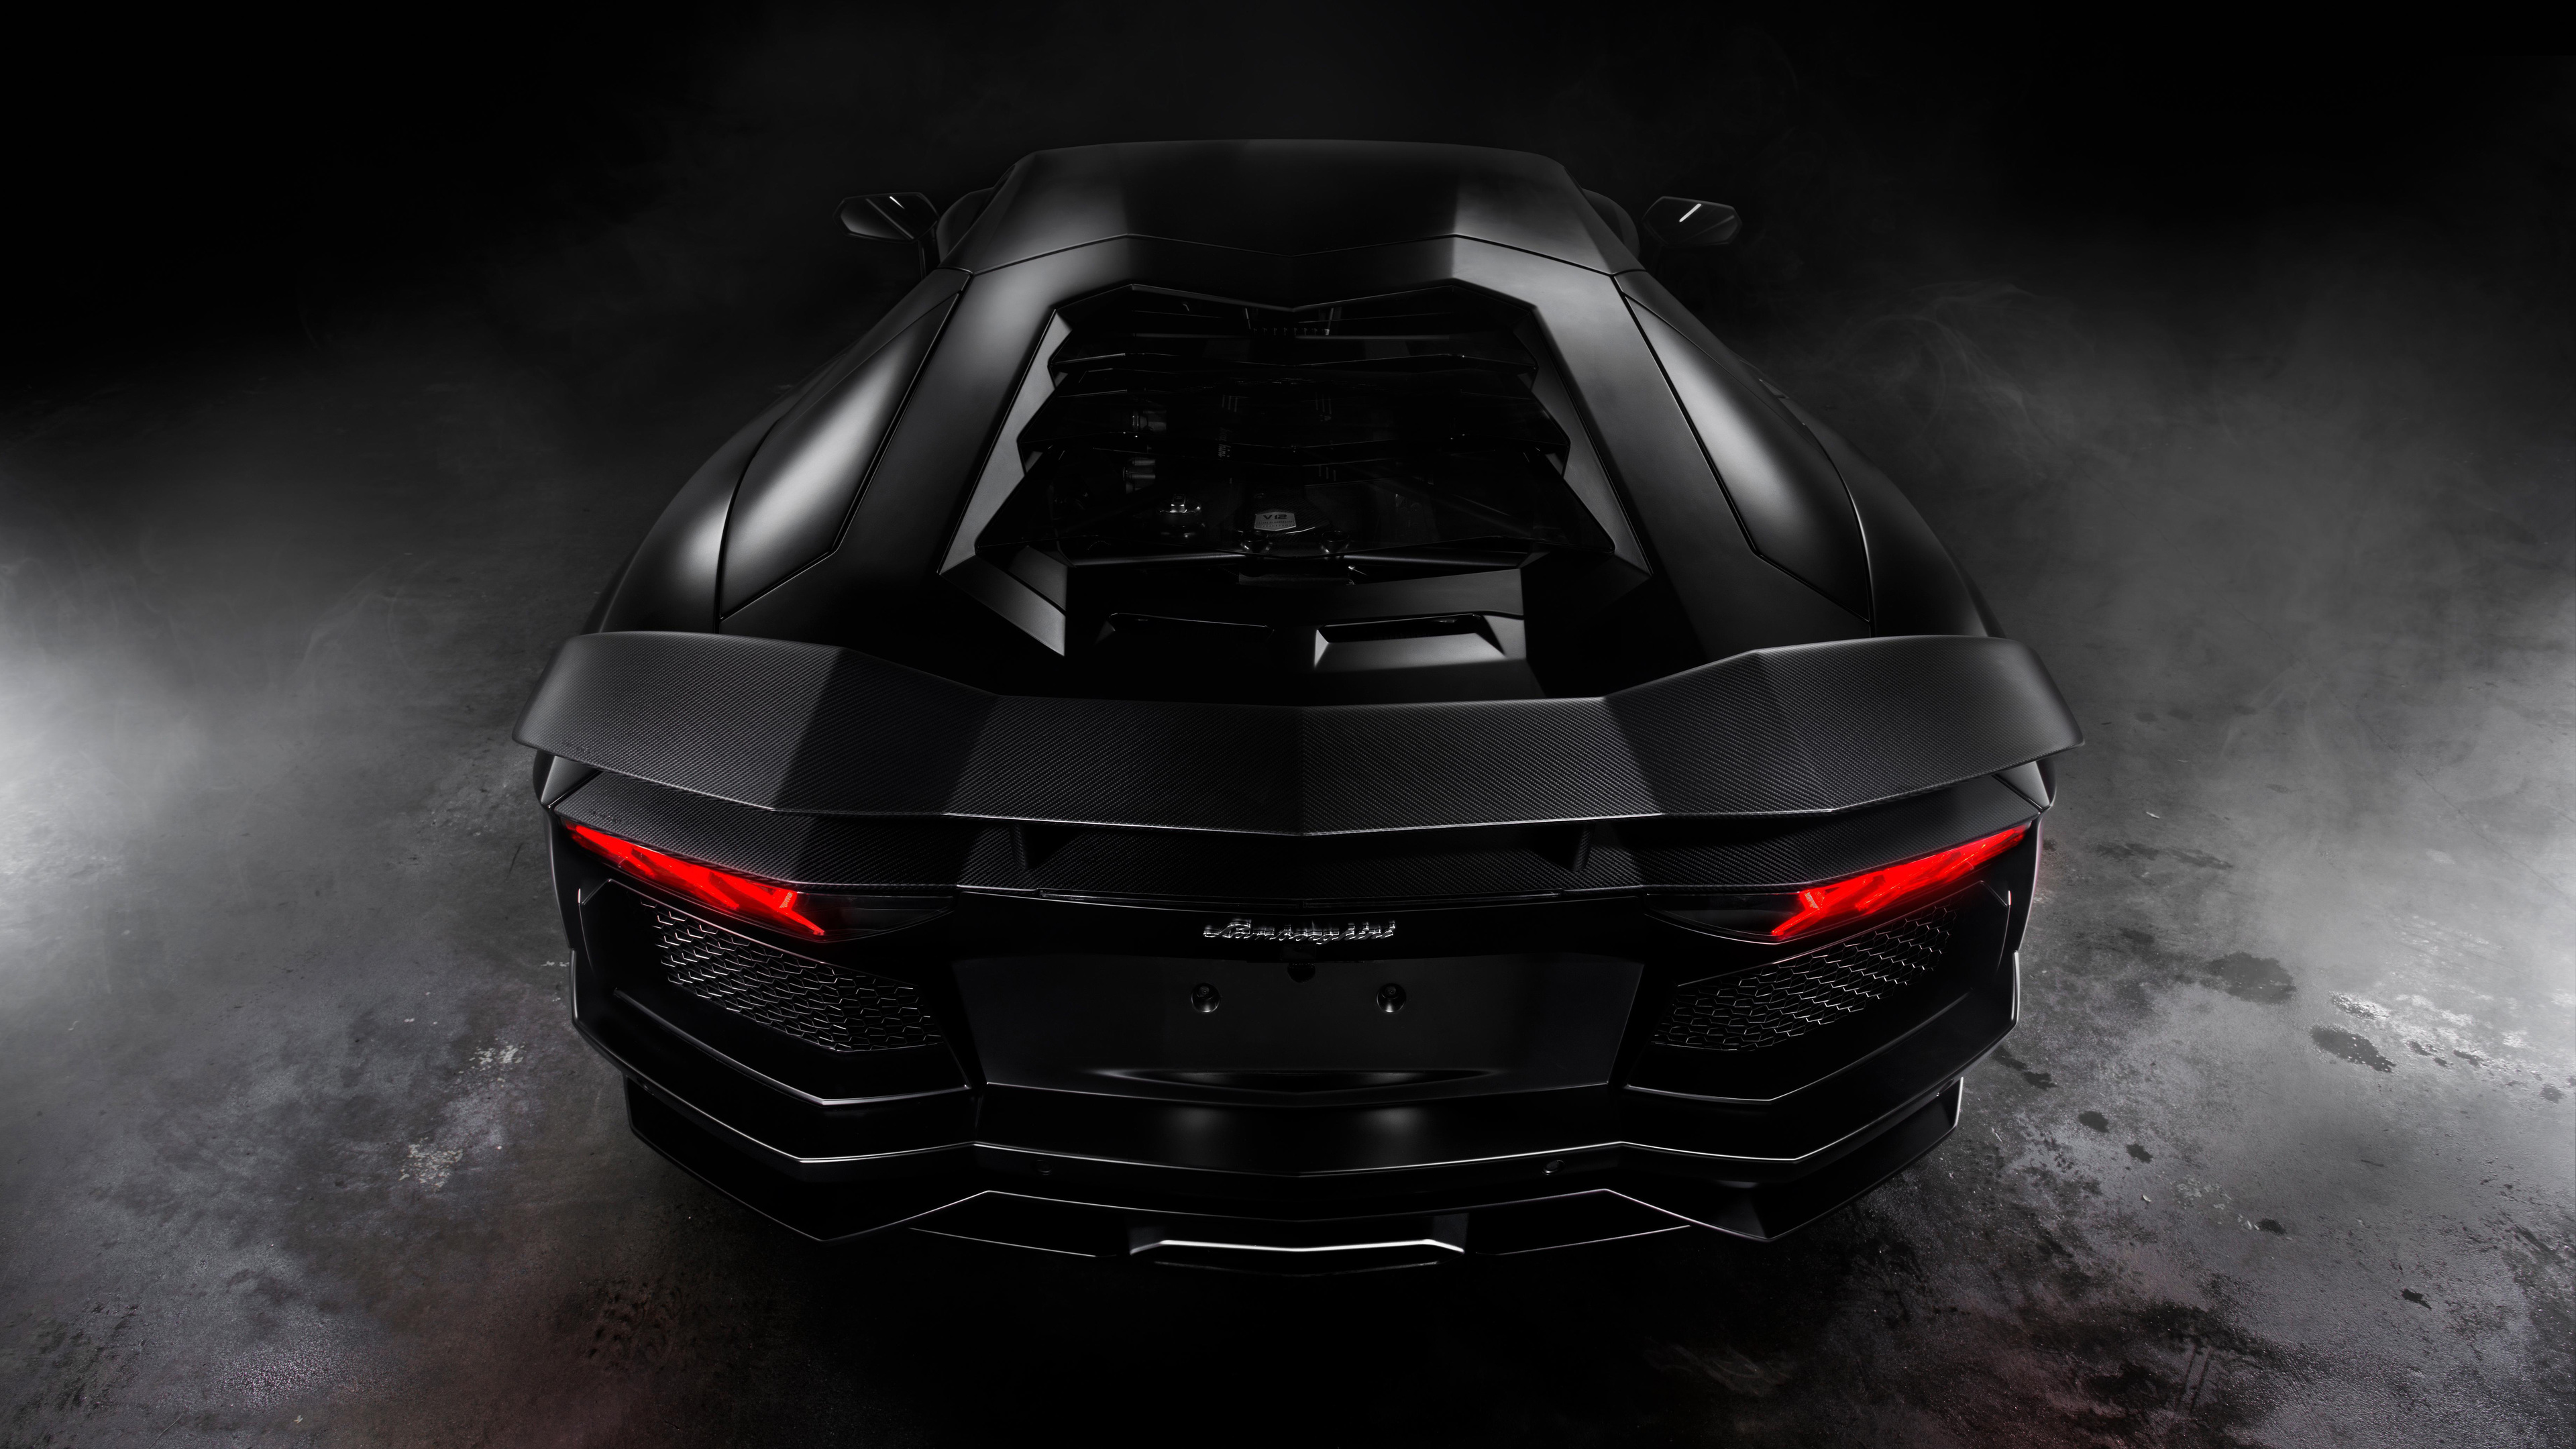 black lamborghini aventador 8k 1539792886 - Black Lamborghini Aventador 8k - lamborghini wallpapers, lamborghini aventador wallpapers, hd-wallpapers, cars wallpapers, 8k wallpapers, 5k wallpapers, 4k-wallpapers